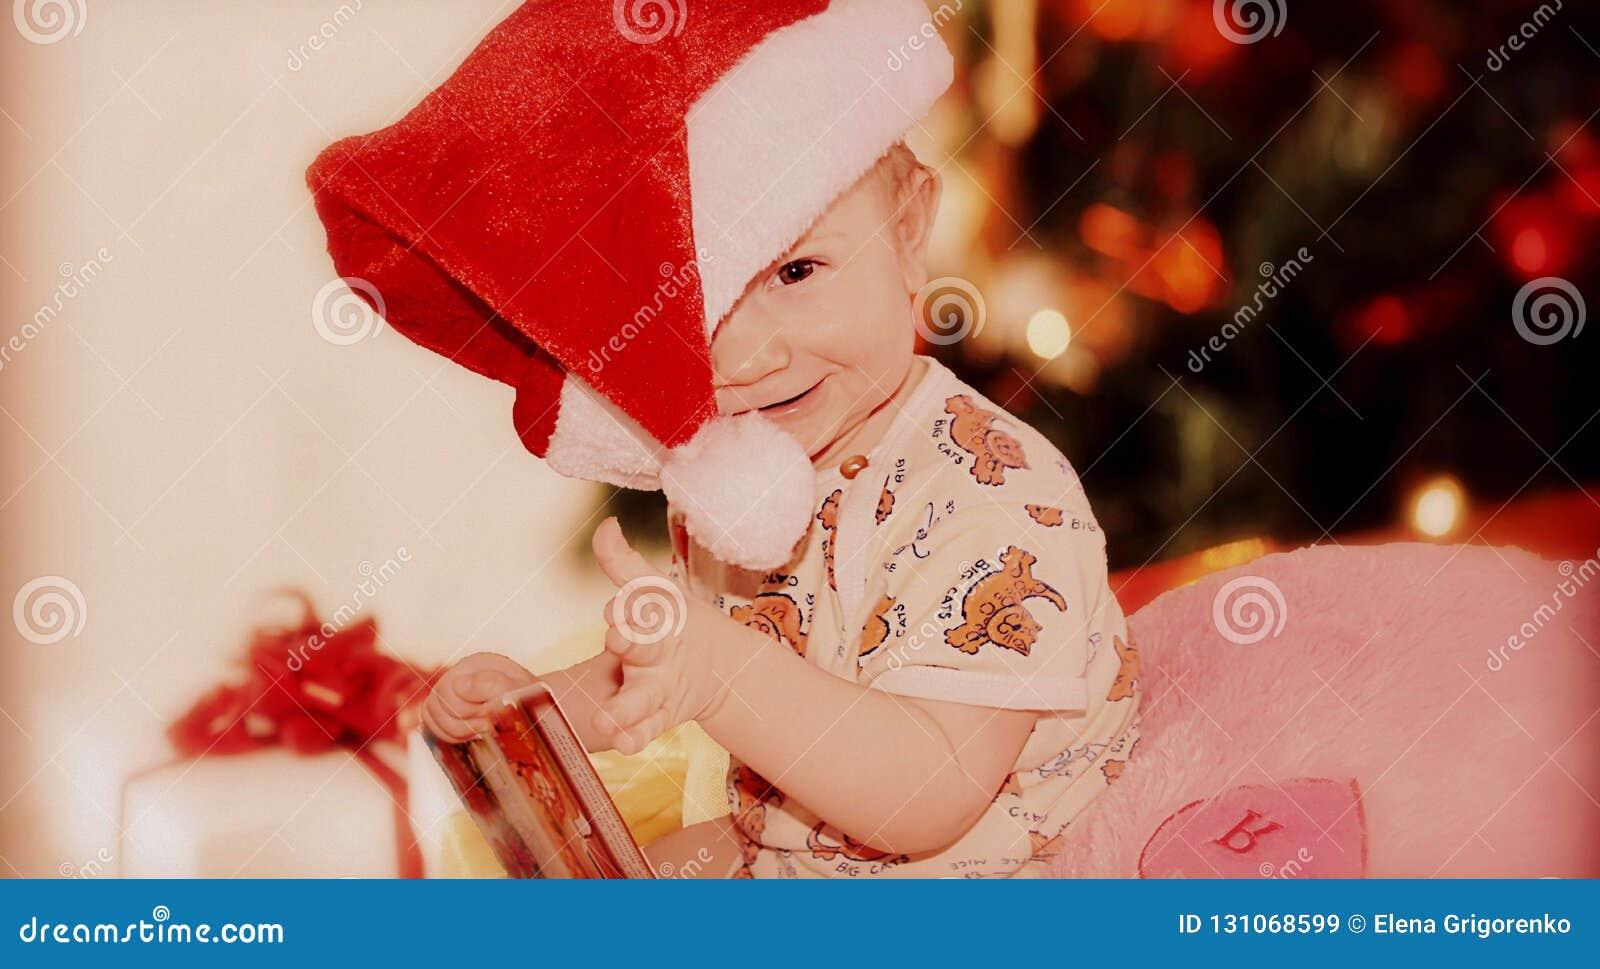 Συγκινήσεις παιδιών πριν από το νέα έτος ή τα Χριστούγεννα